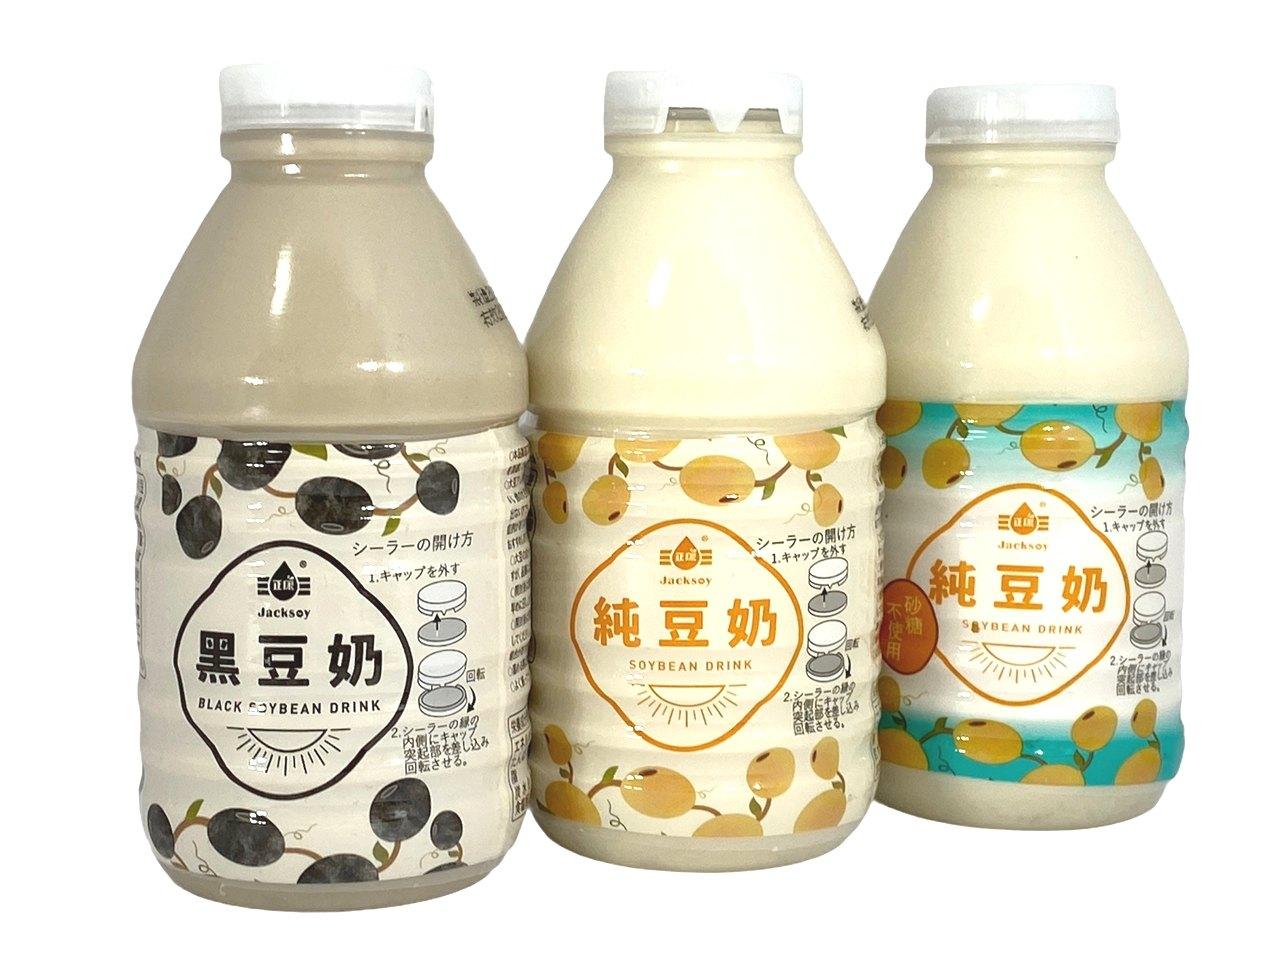 正康 ジャックソイ 台湾豆乳、台湾豆乳(砂糖不使用)、台湾黒豆乳 各330ml 118円(セール)